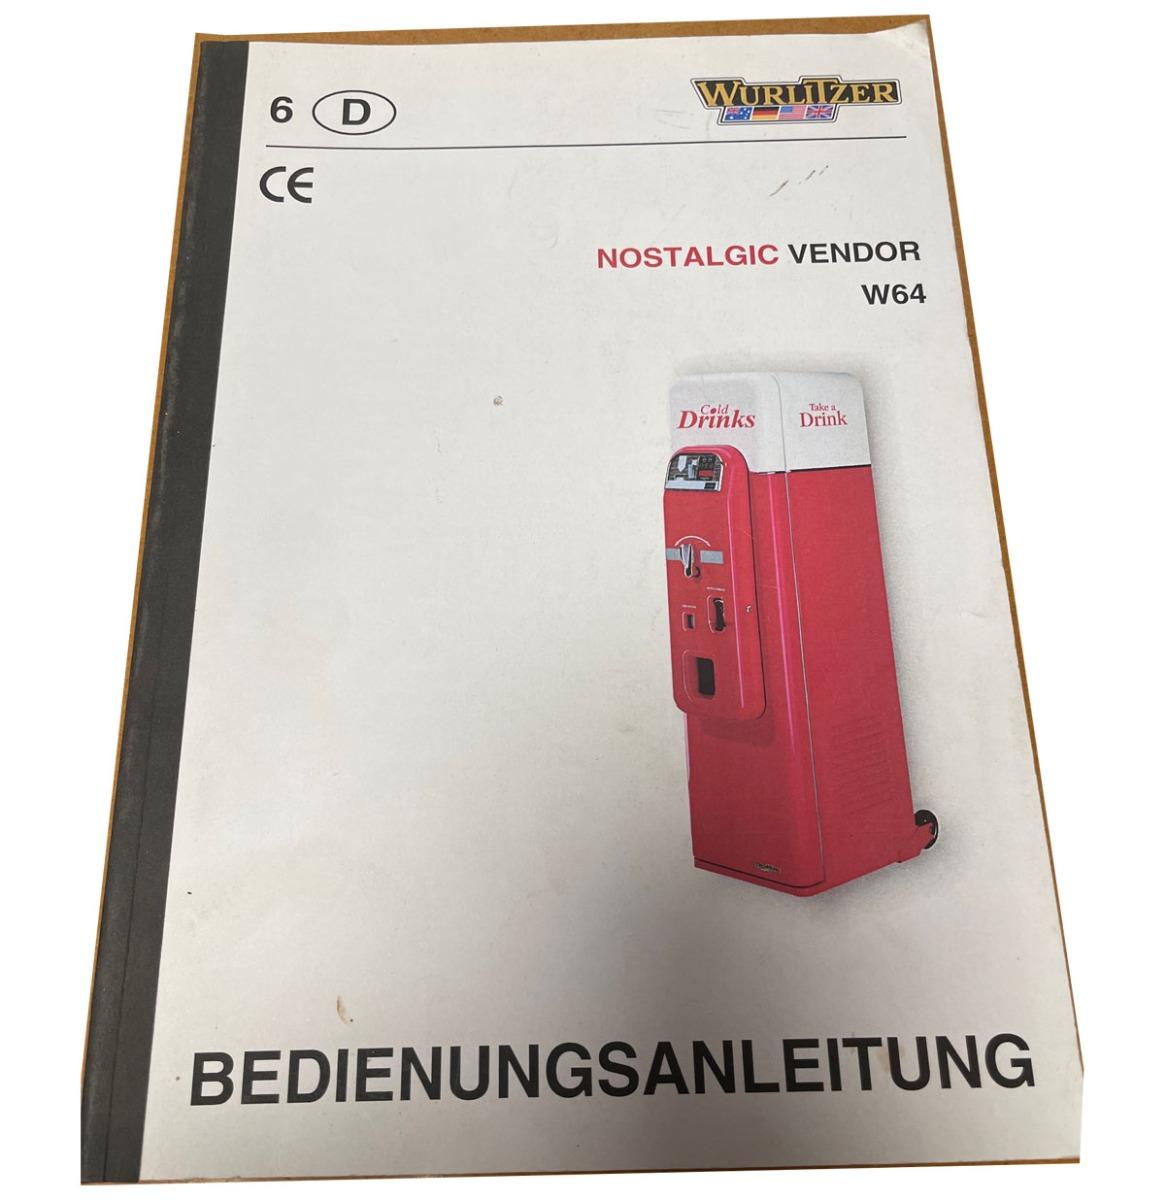 Wurlitzer W64 Vendor Manual Duits